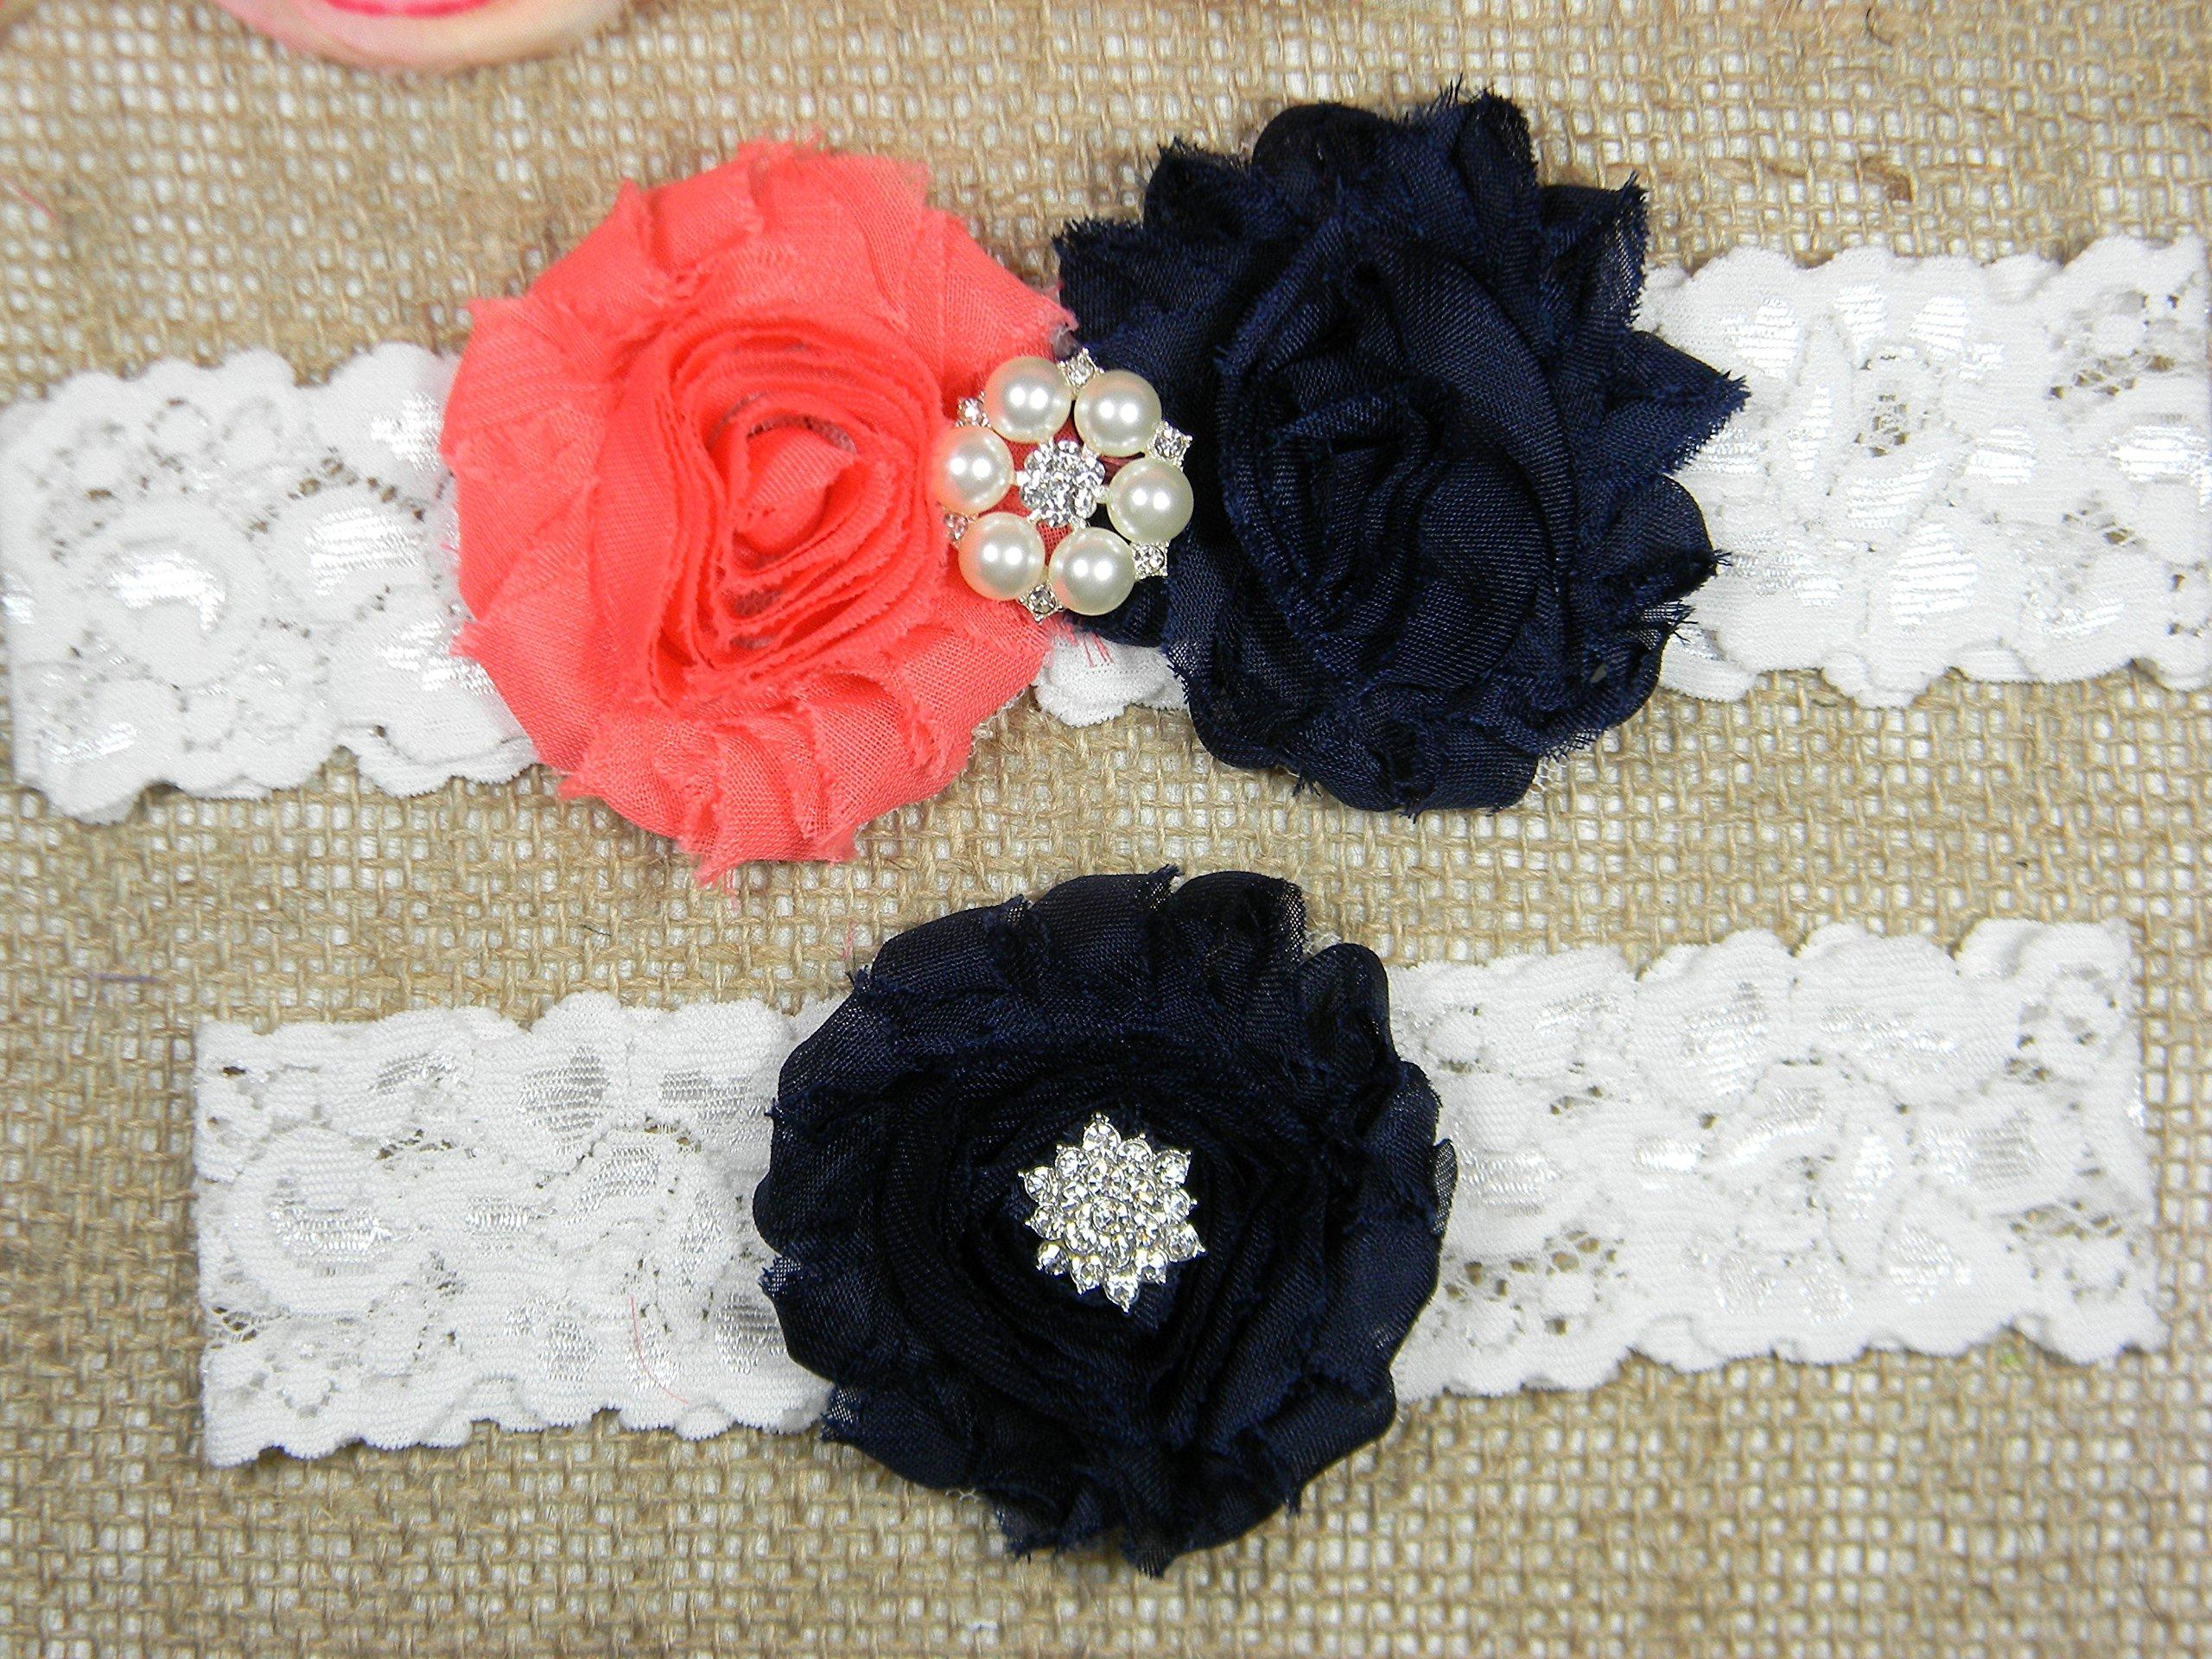 Coral and Navy Blue Garter, Wedding Garter Set, Bridal Garter Belt, Keepsake and Toss Stretch Lace Garters